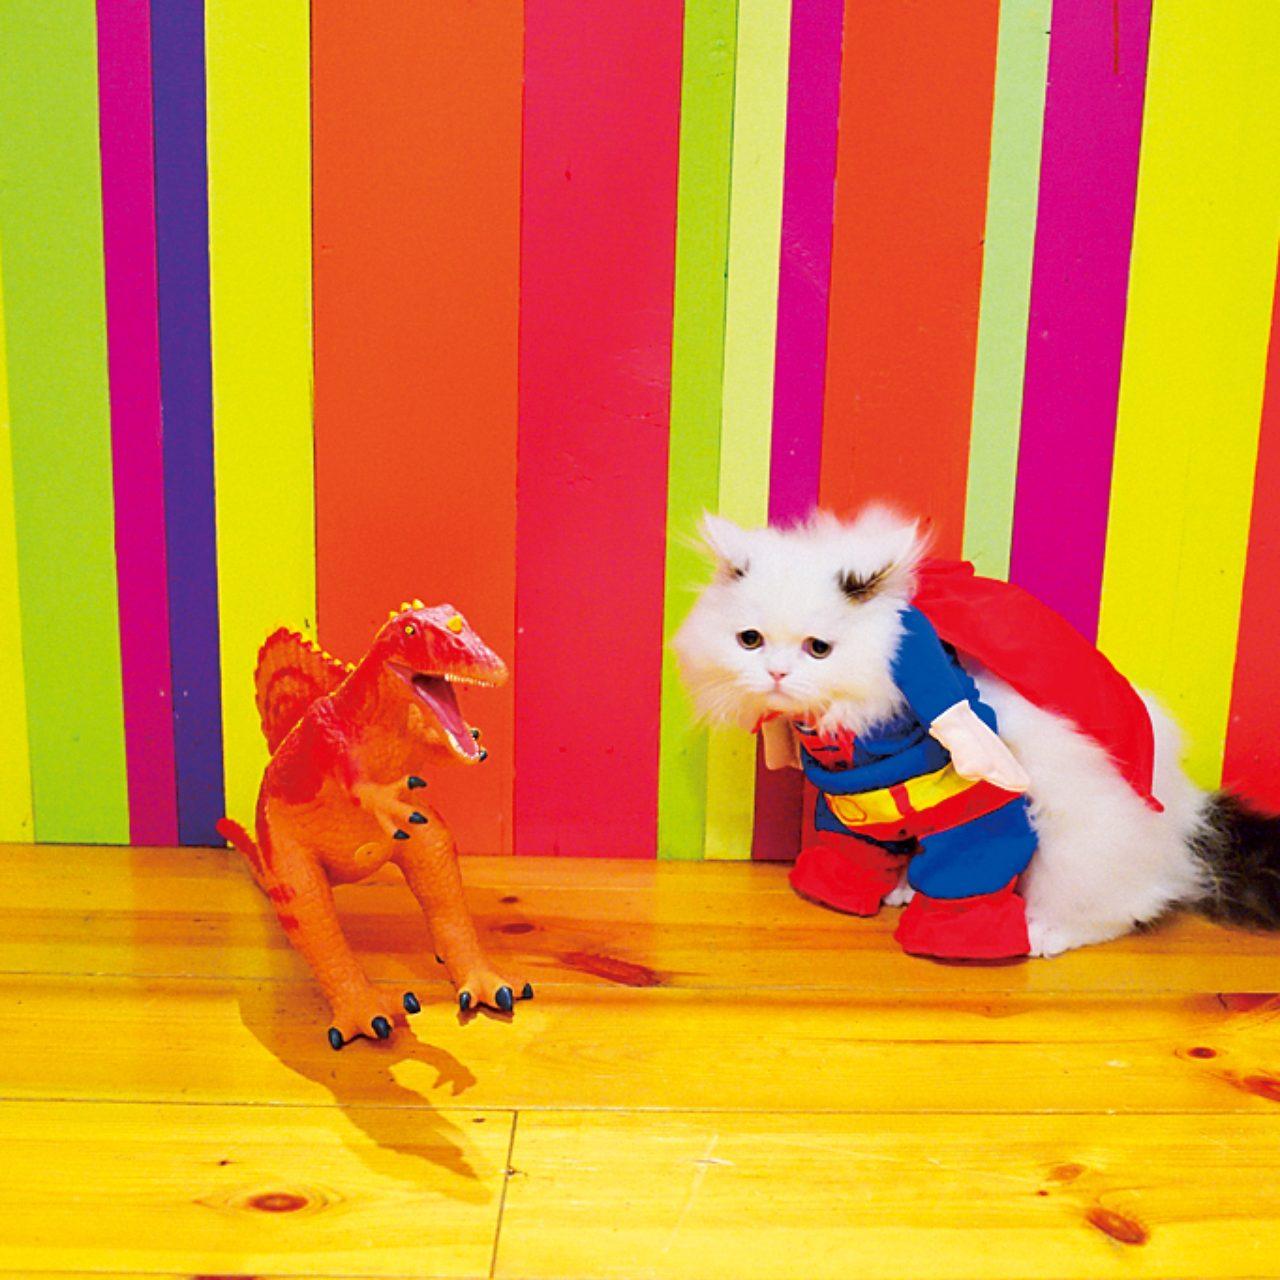 インスタグラムで世界中から「」いいね!」を連発、なネコ写真テク | FRaU